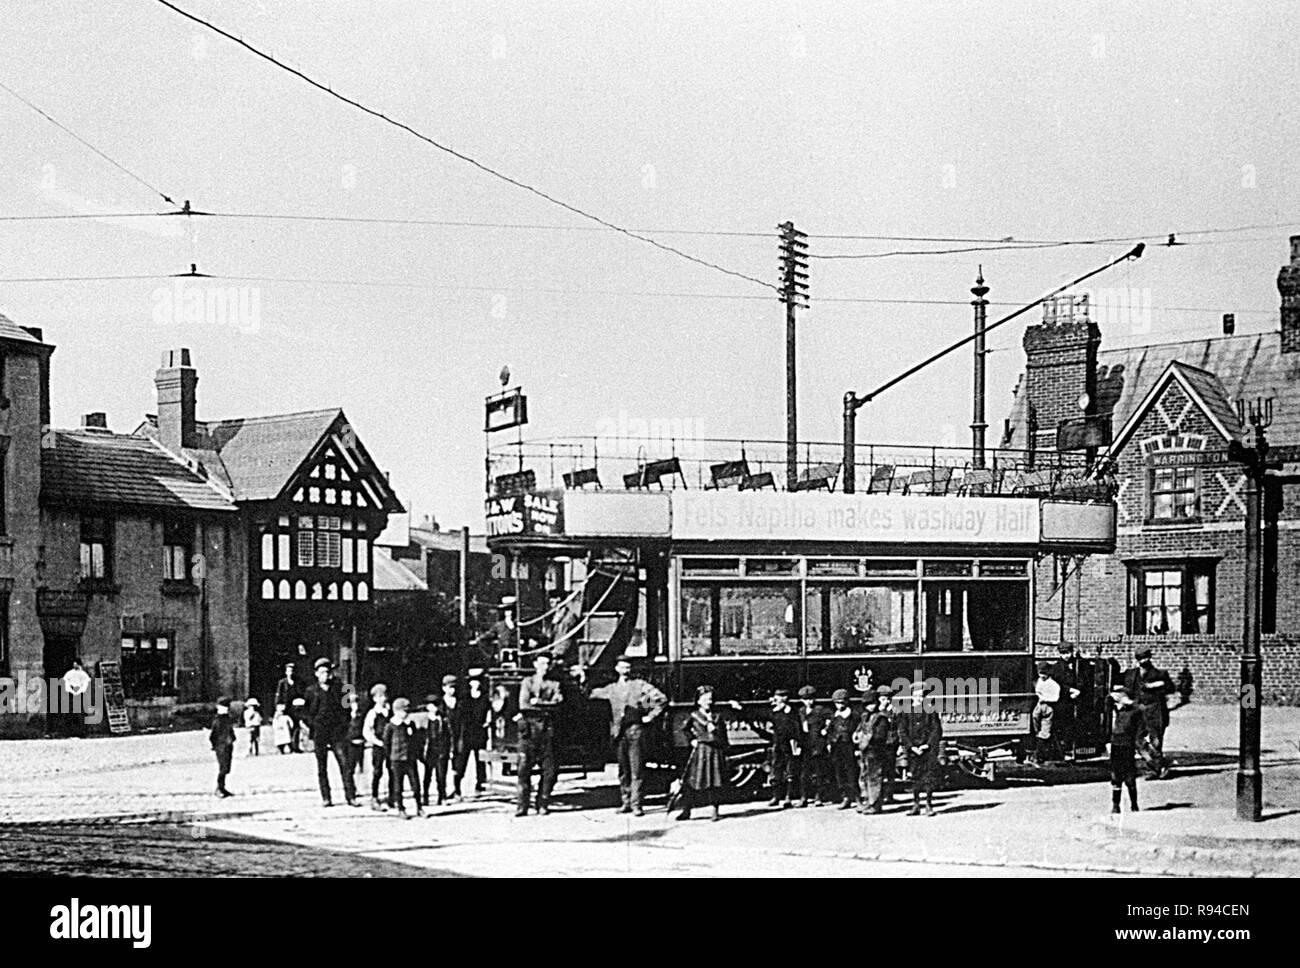 Victoria Square, Stockton Heath - Stock Image